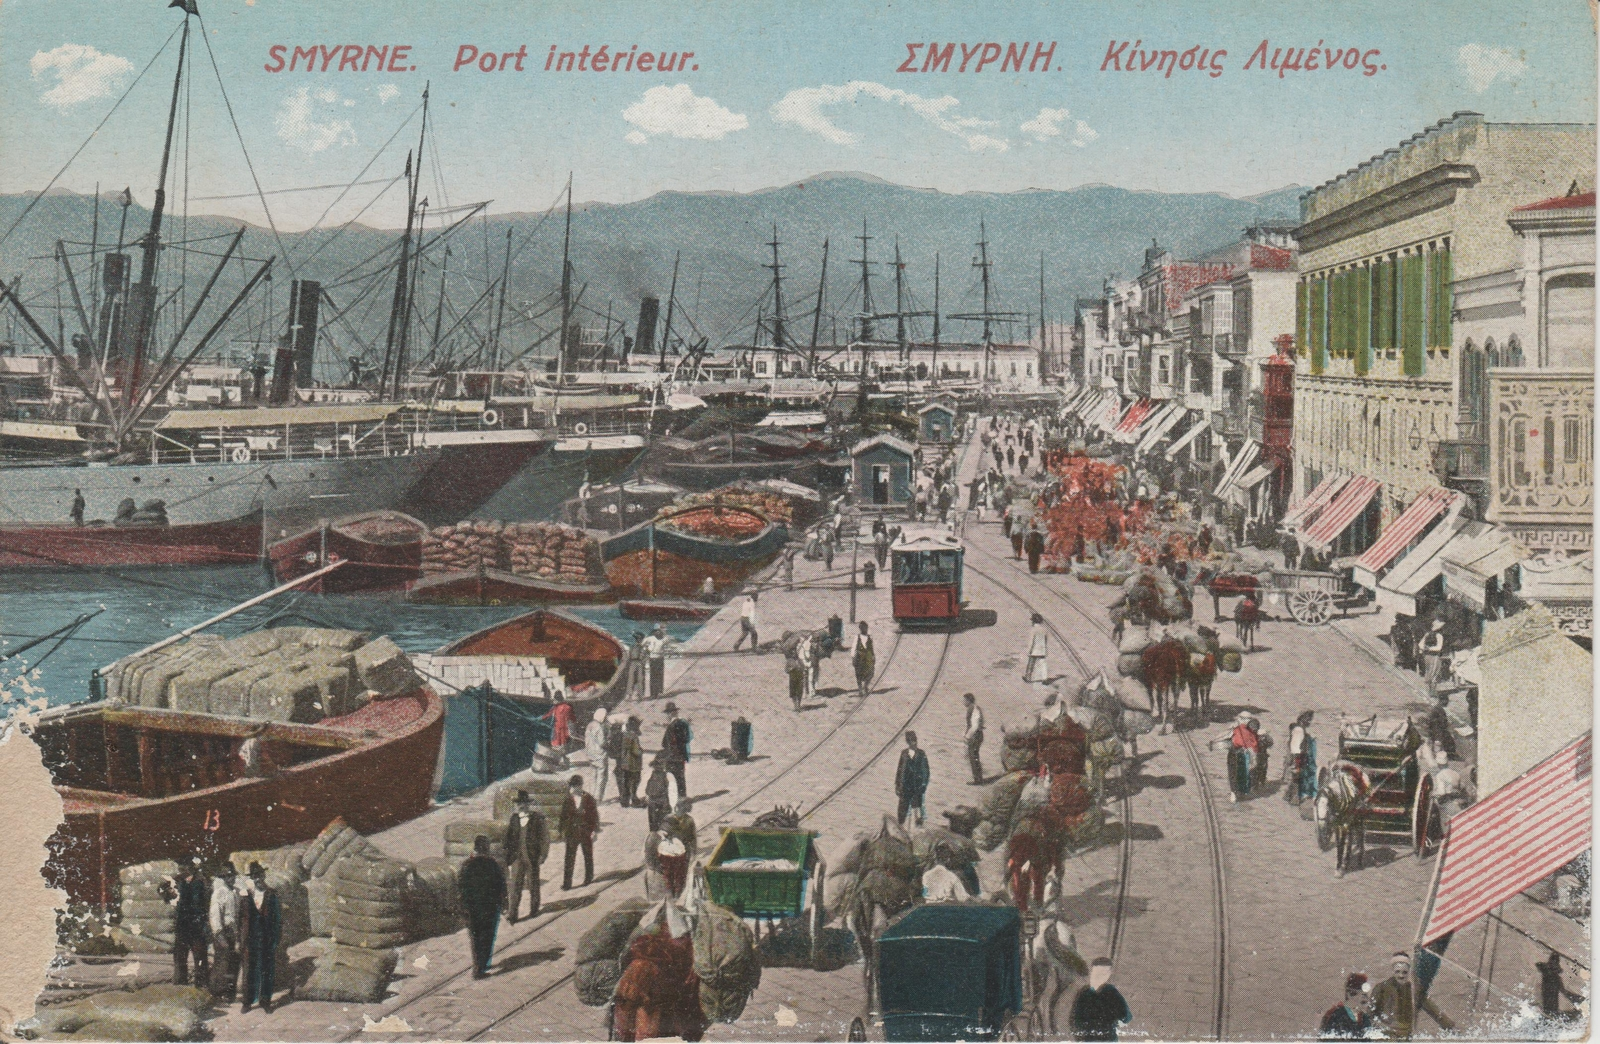 Izmir - Smyrne pendant l'occupation de la Grèce entre 15 Mai 1919 et 8  septembre 1922 - Carte postale ancienne et vue d'Hier et Aujourd'hui -  Geneanet